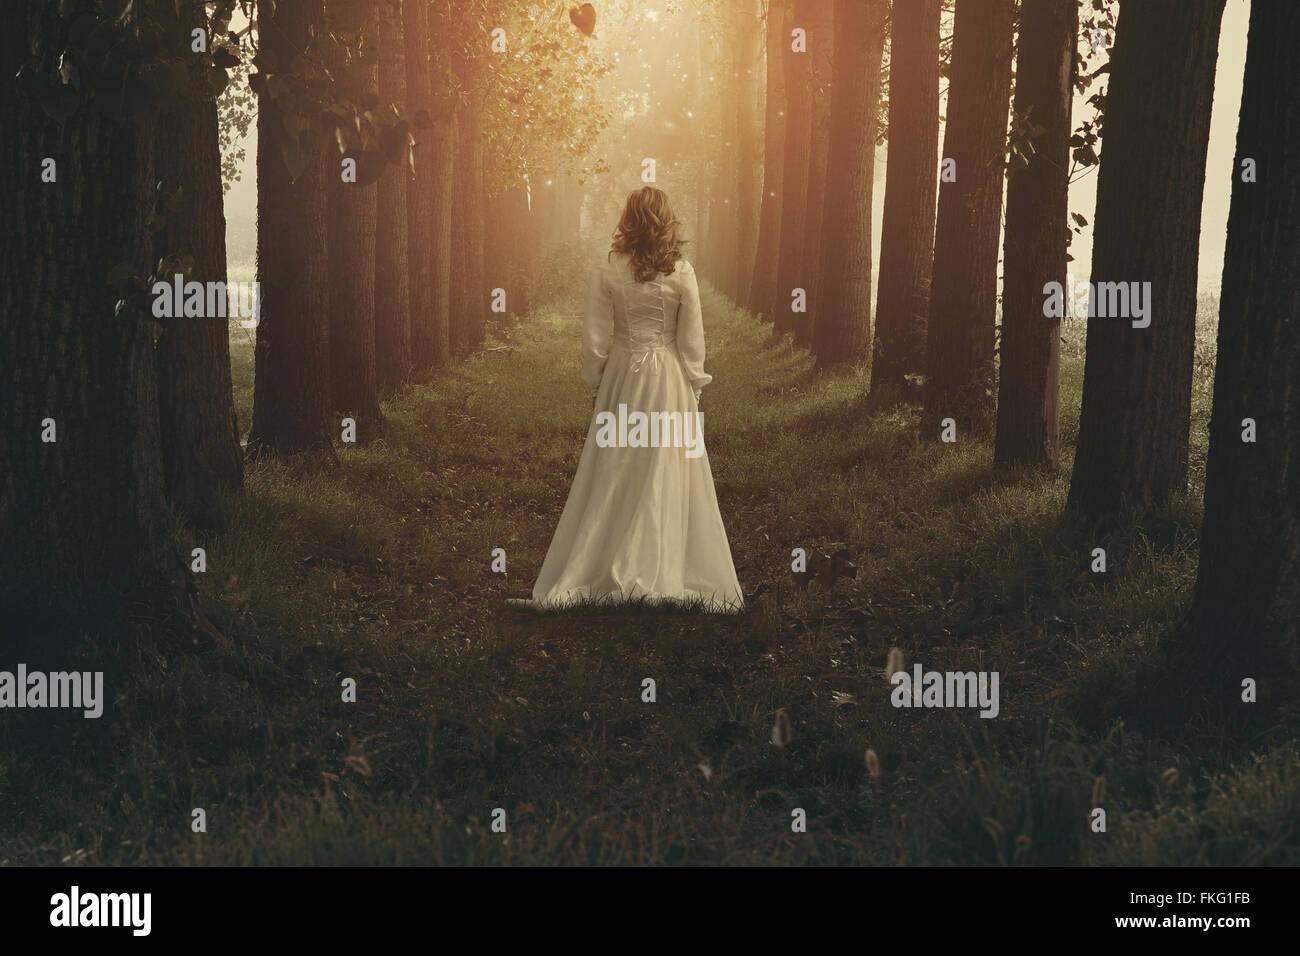 Donna con abito vittoriano in fairy e sognanti realm. Manipolazione di fantasia Immagini Stock